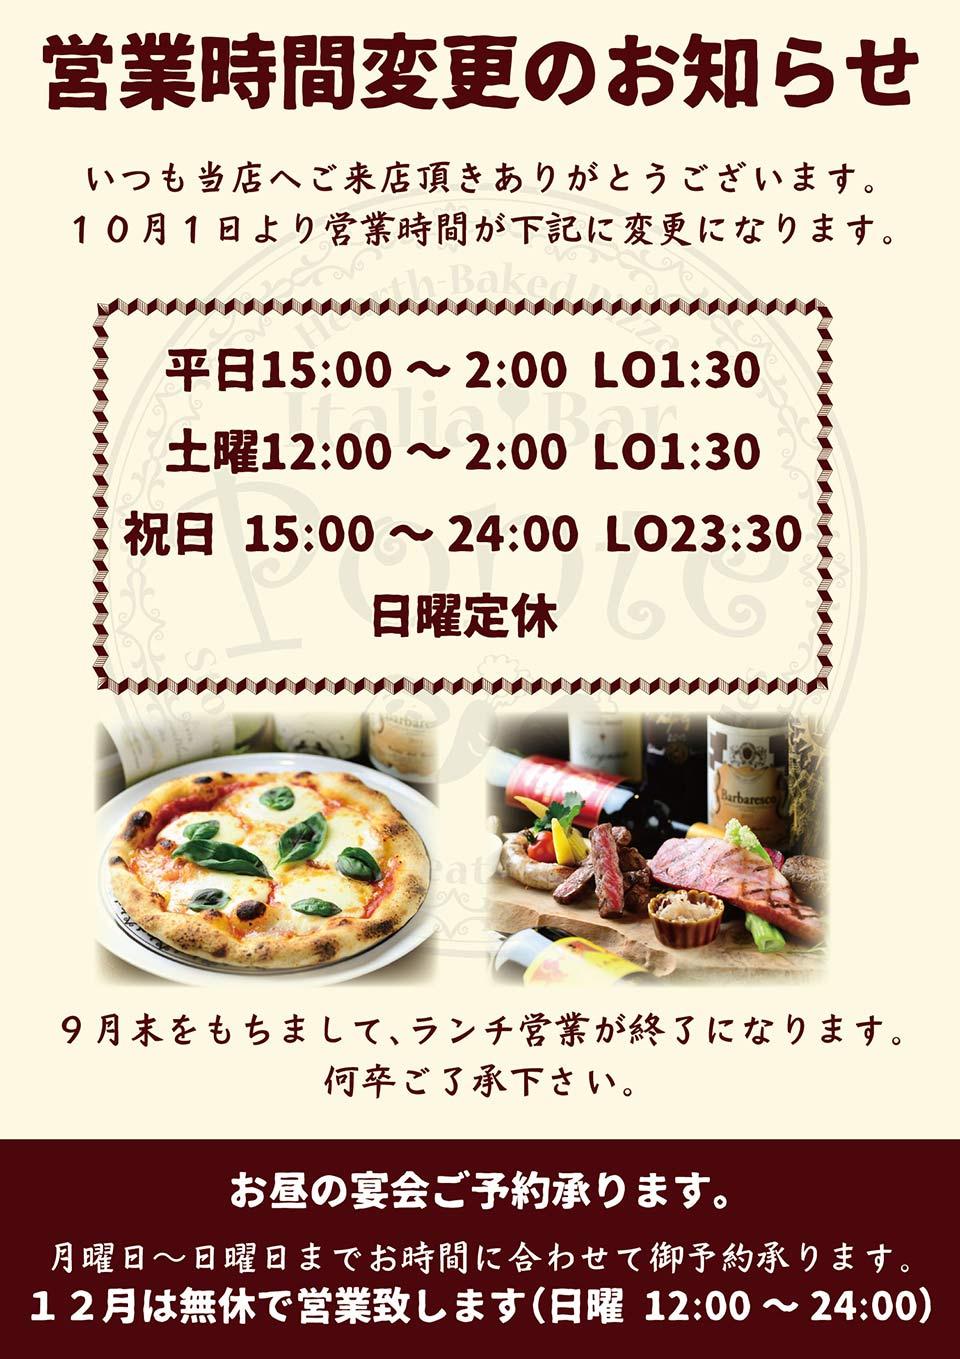 営業時間変更 2016年10月